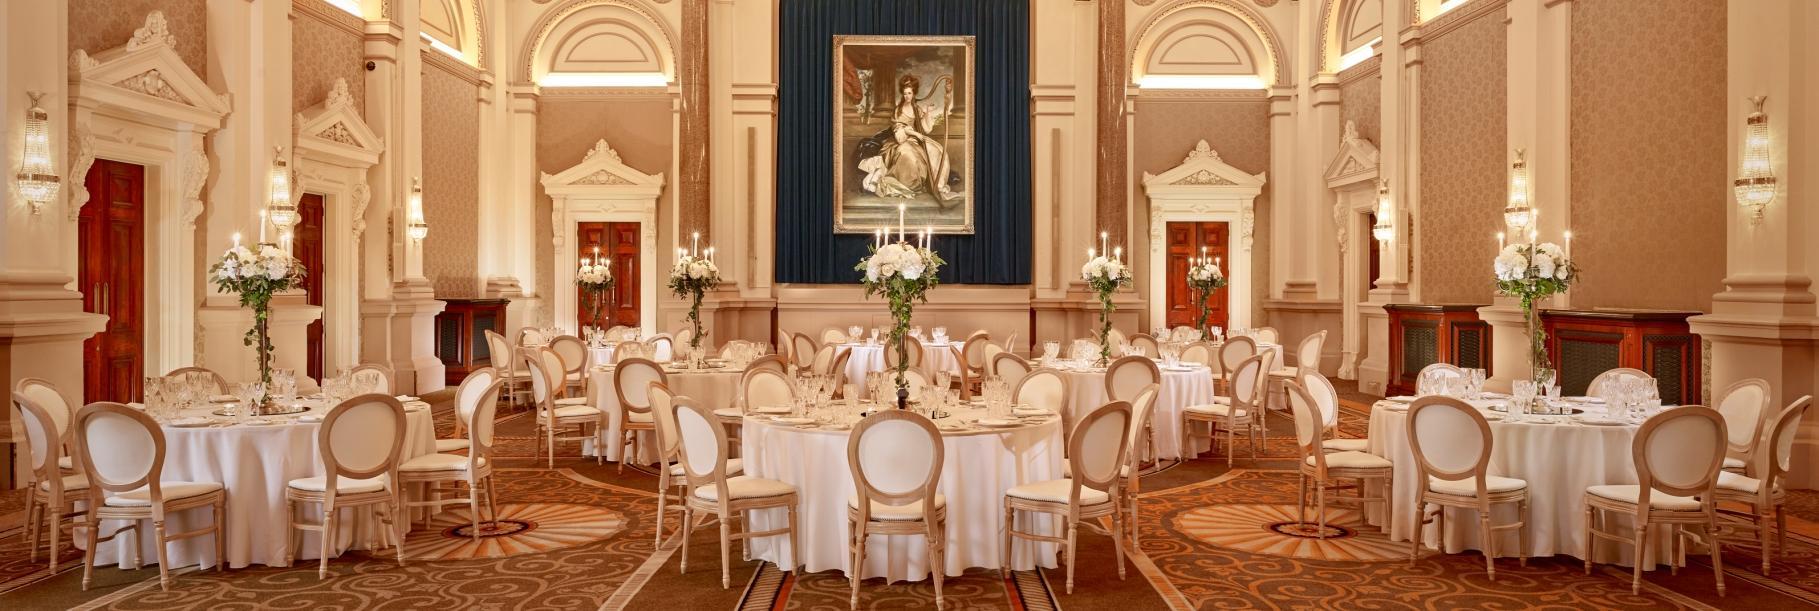 Wedding Venue Dublin -Westin Banking Hall - Gala